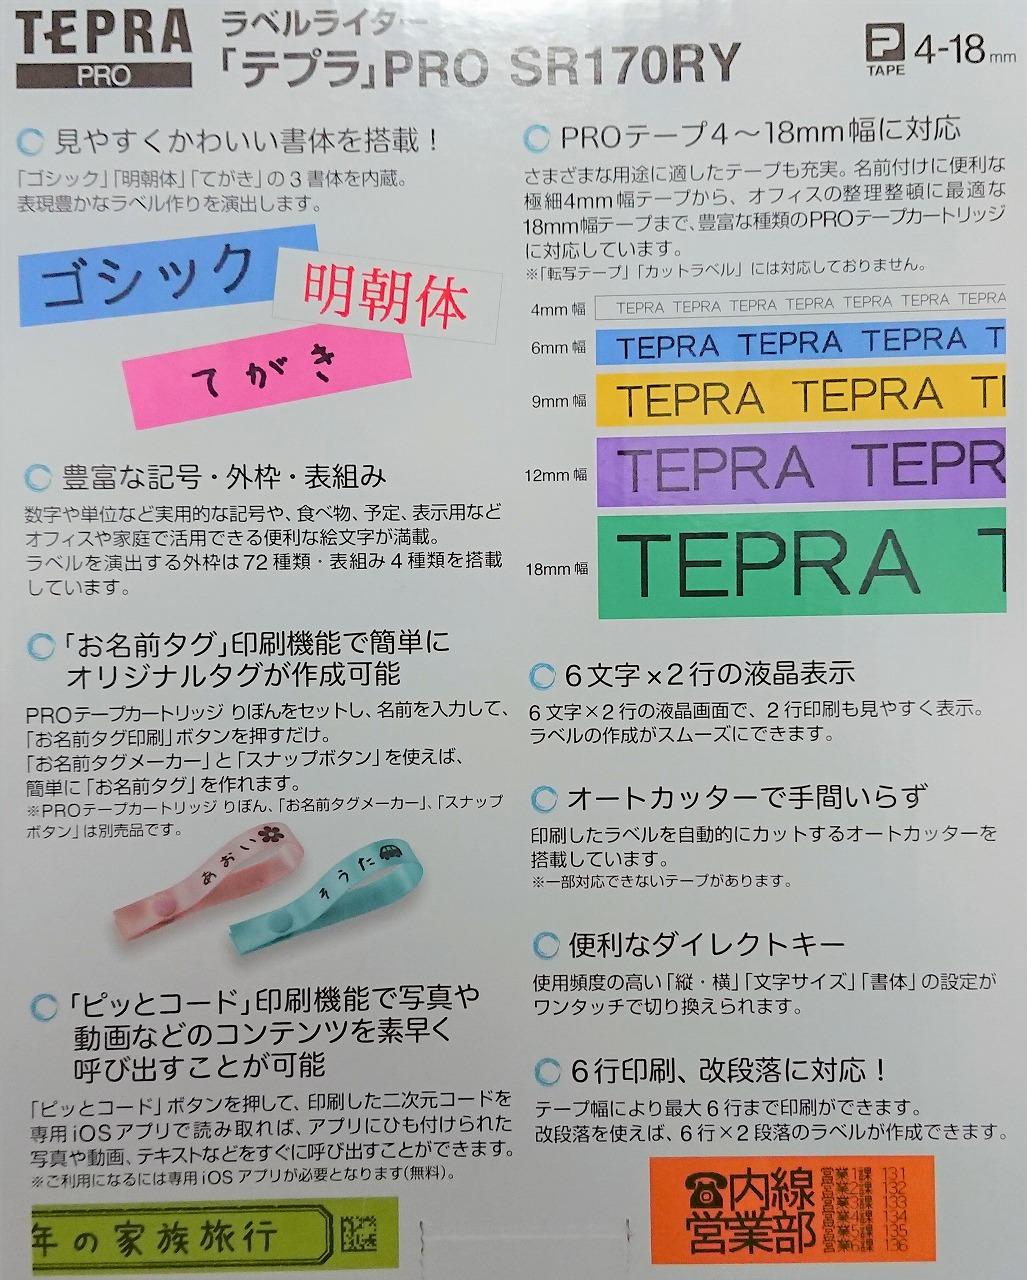 ラベルライター TEPRA PRO SR170 パッケージ裏面 機能